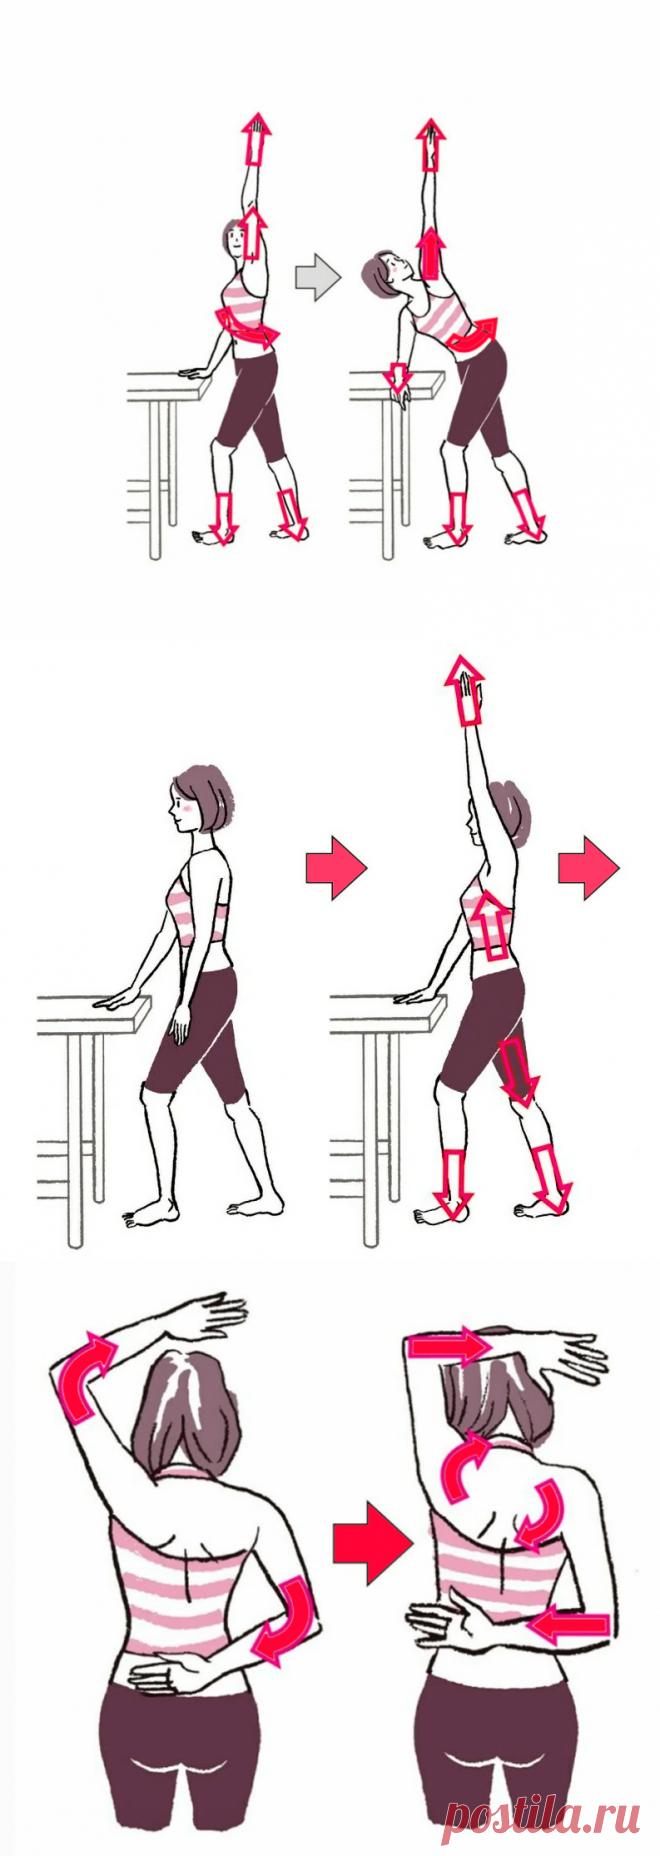 Гимнастика профессора Такеи Хитоши. Восстановление тела